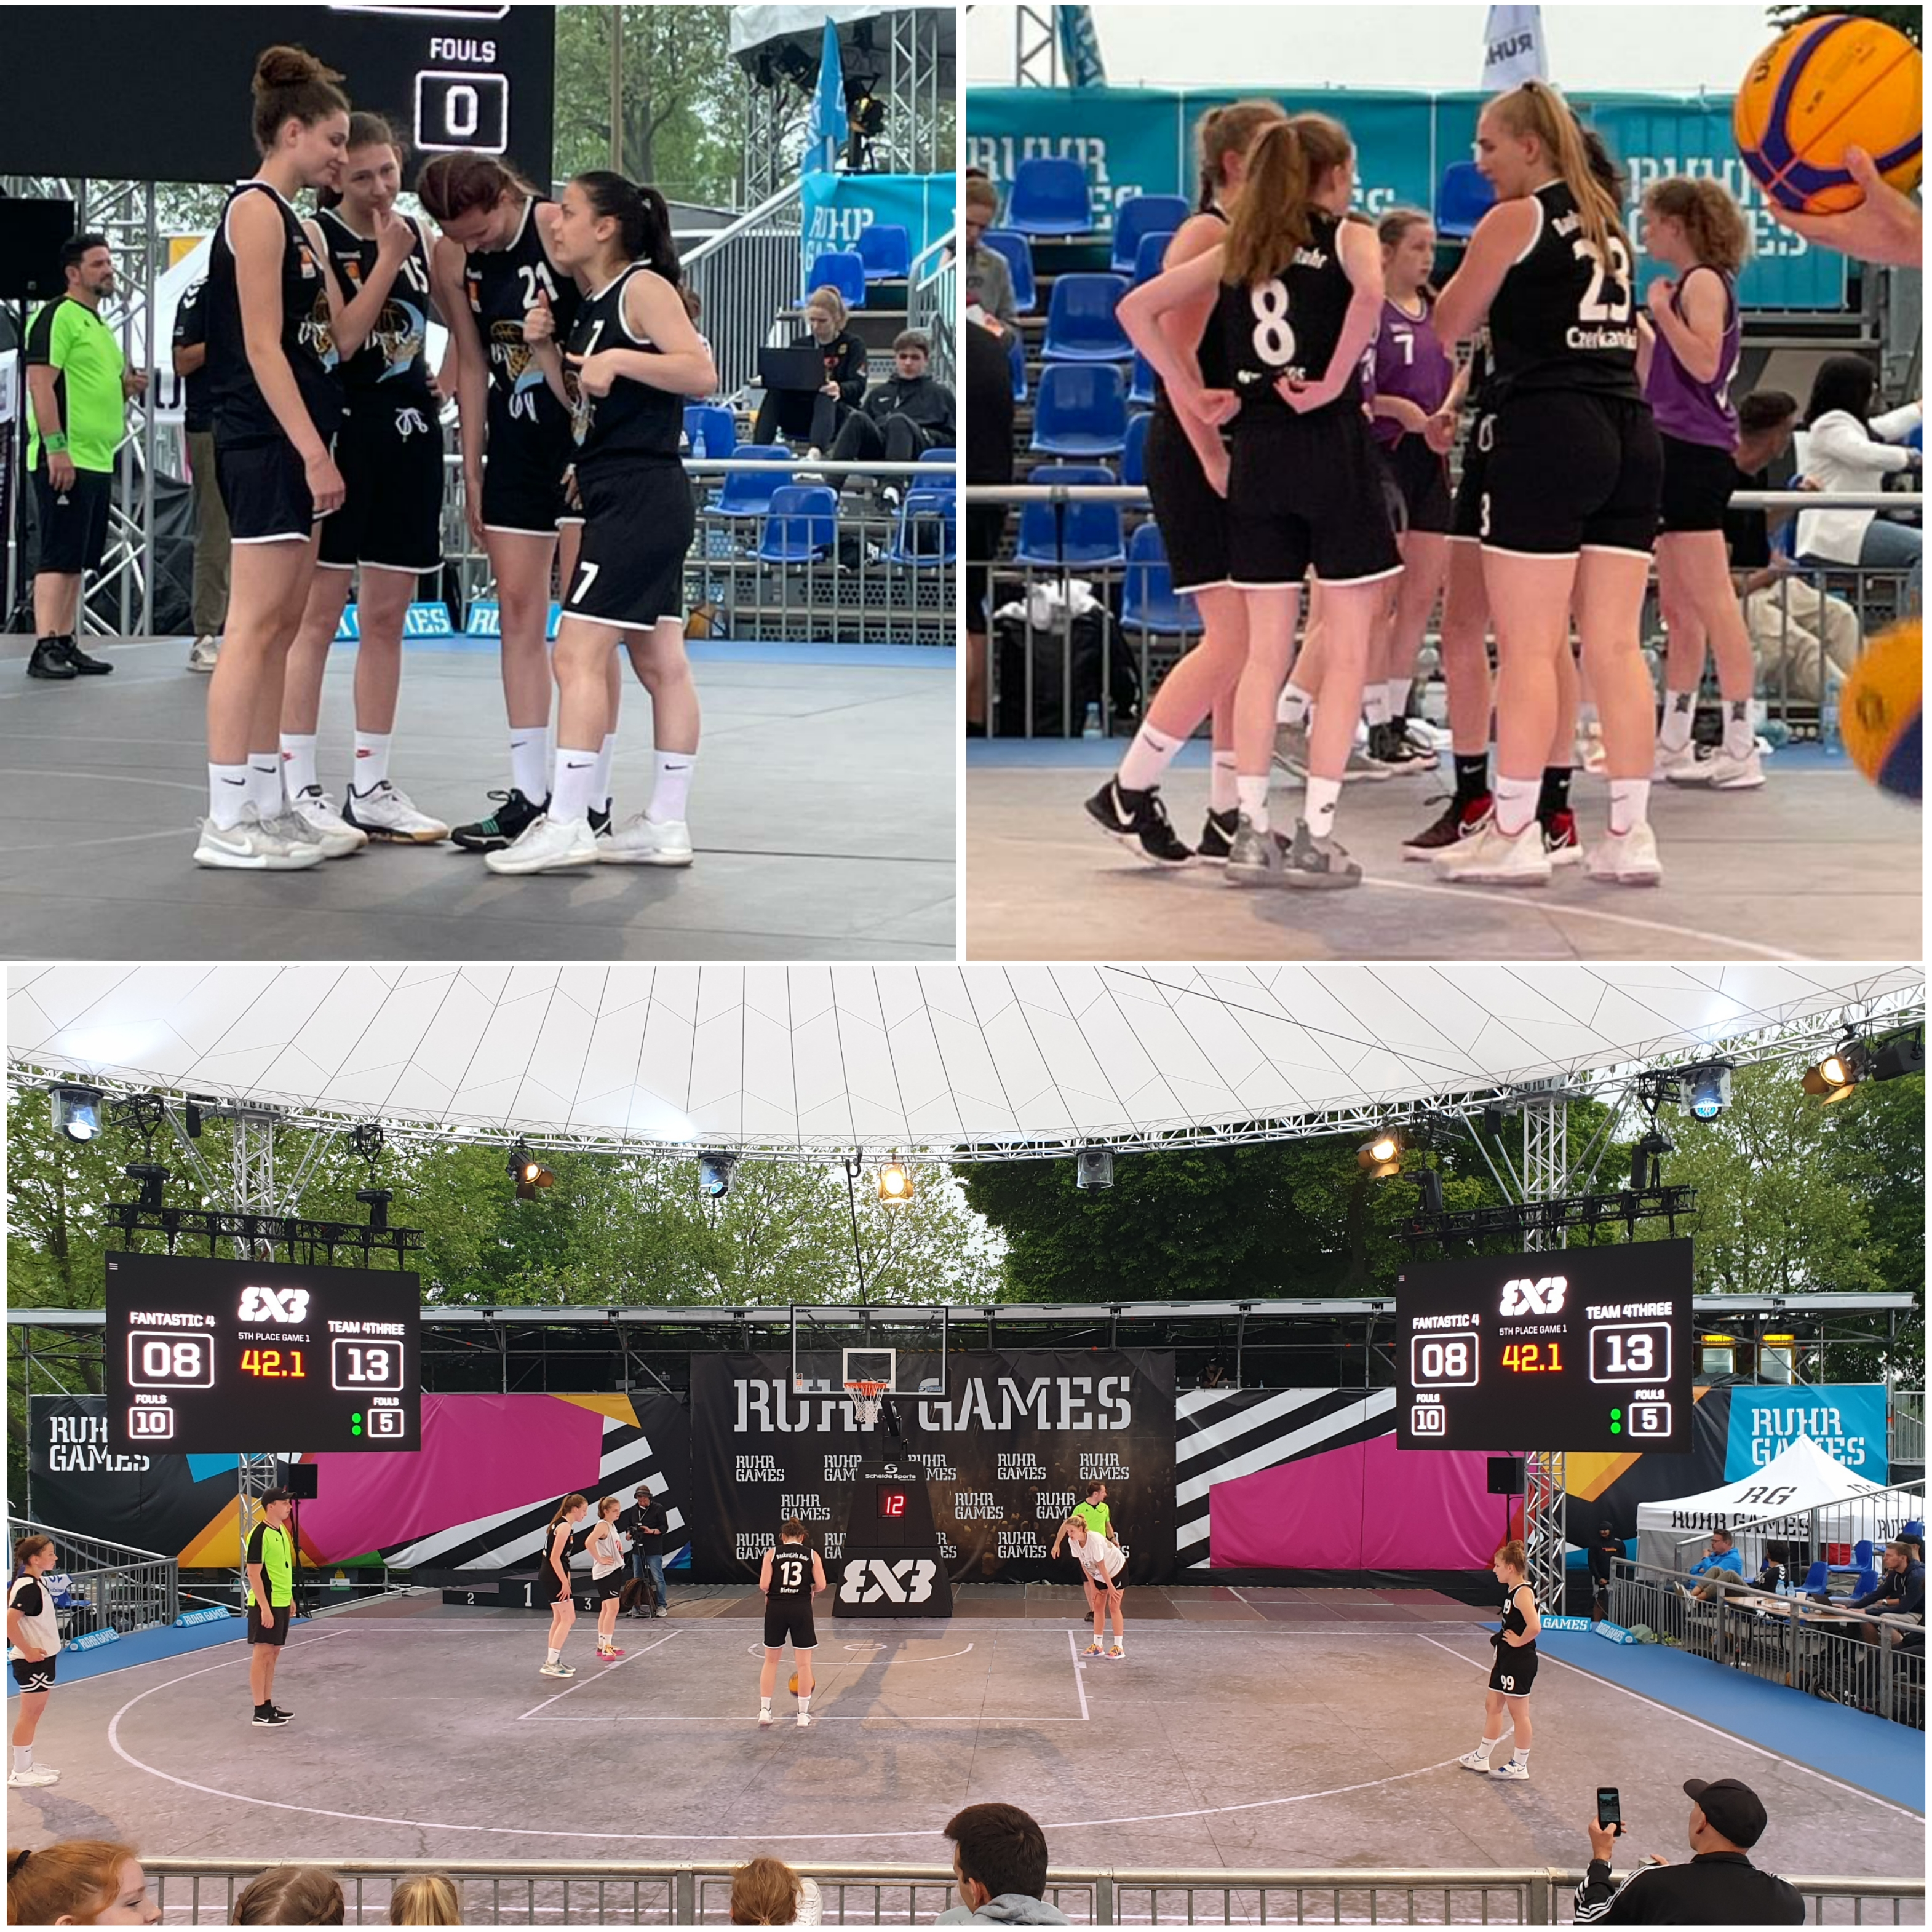 BasketGirls Ruhr - 3x3 bei den RuhrGames Part 3